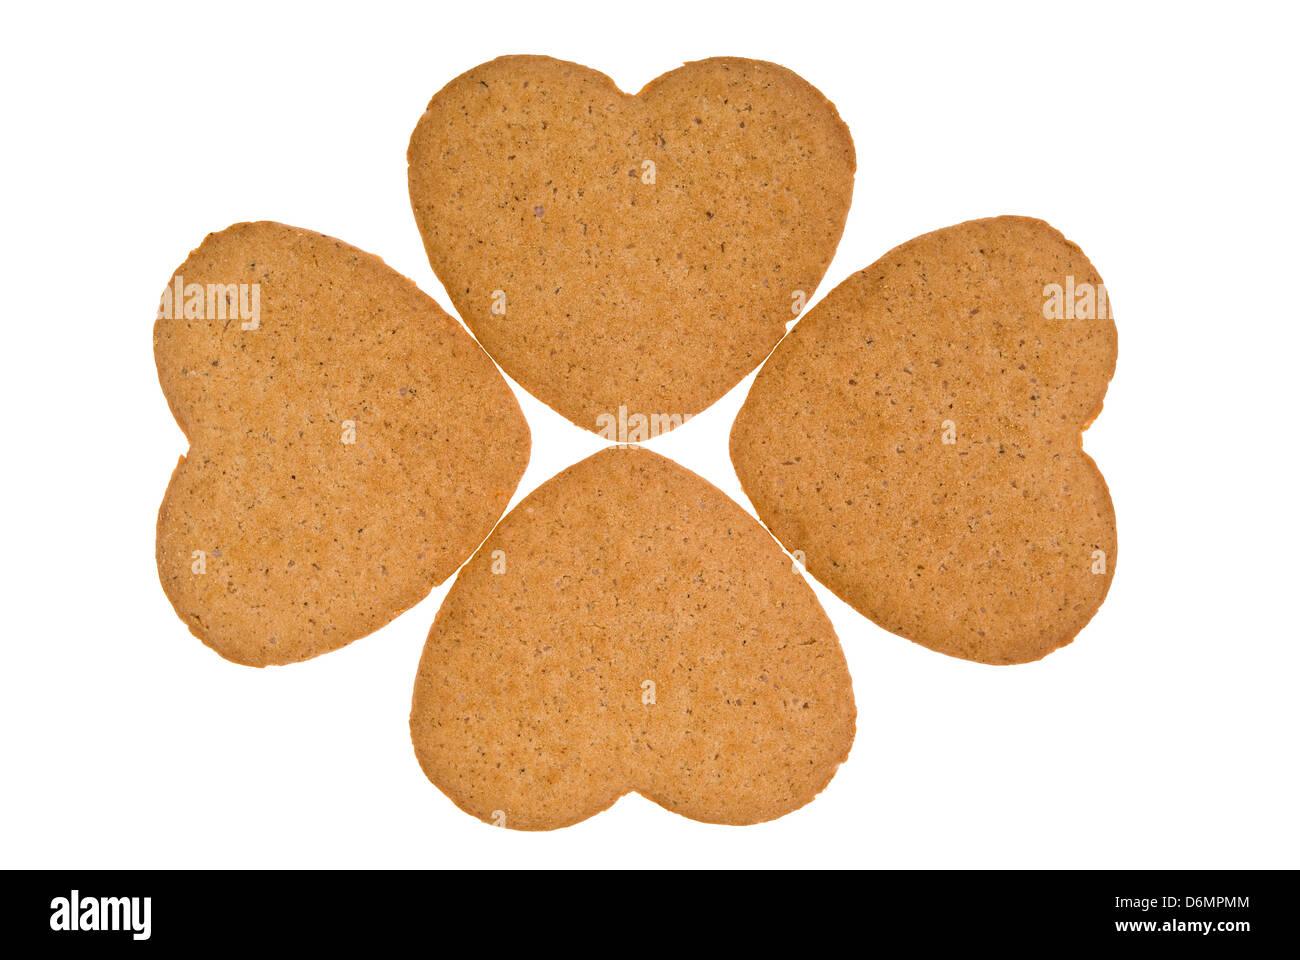 arranged cake hearts isolated on white background - Stock Image